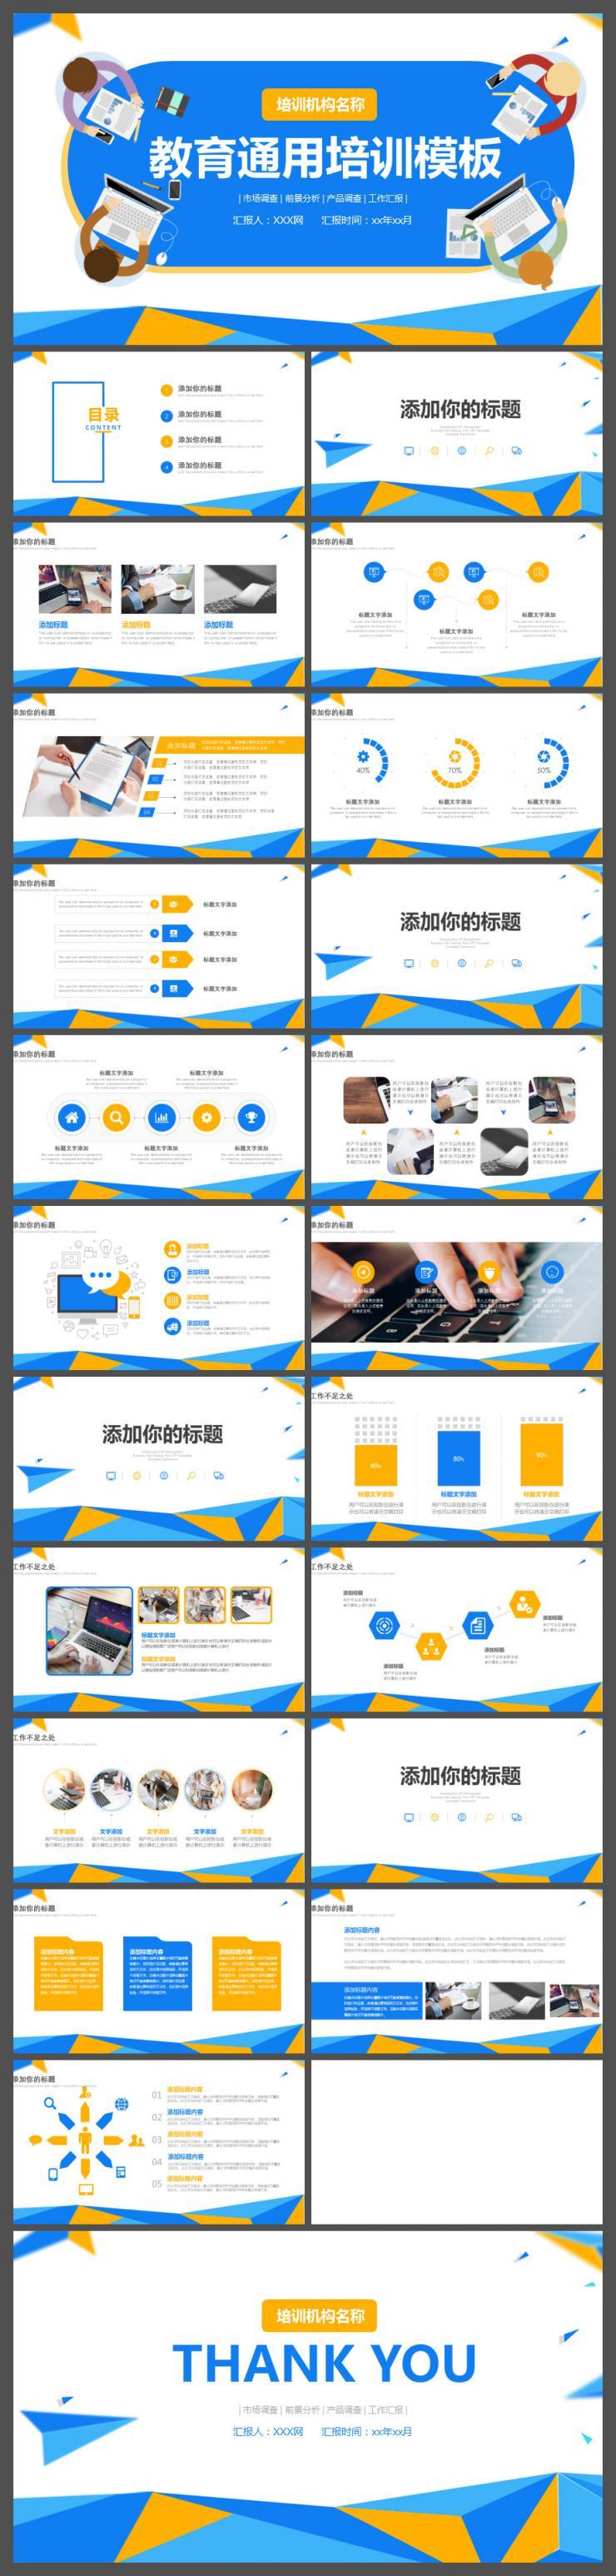 蓝色简约创意通用教育培训课件PPT模板